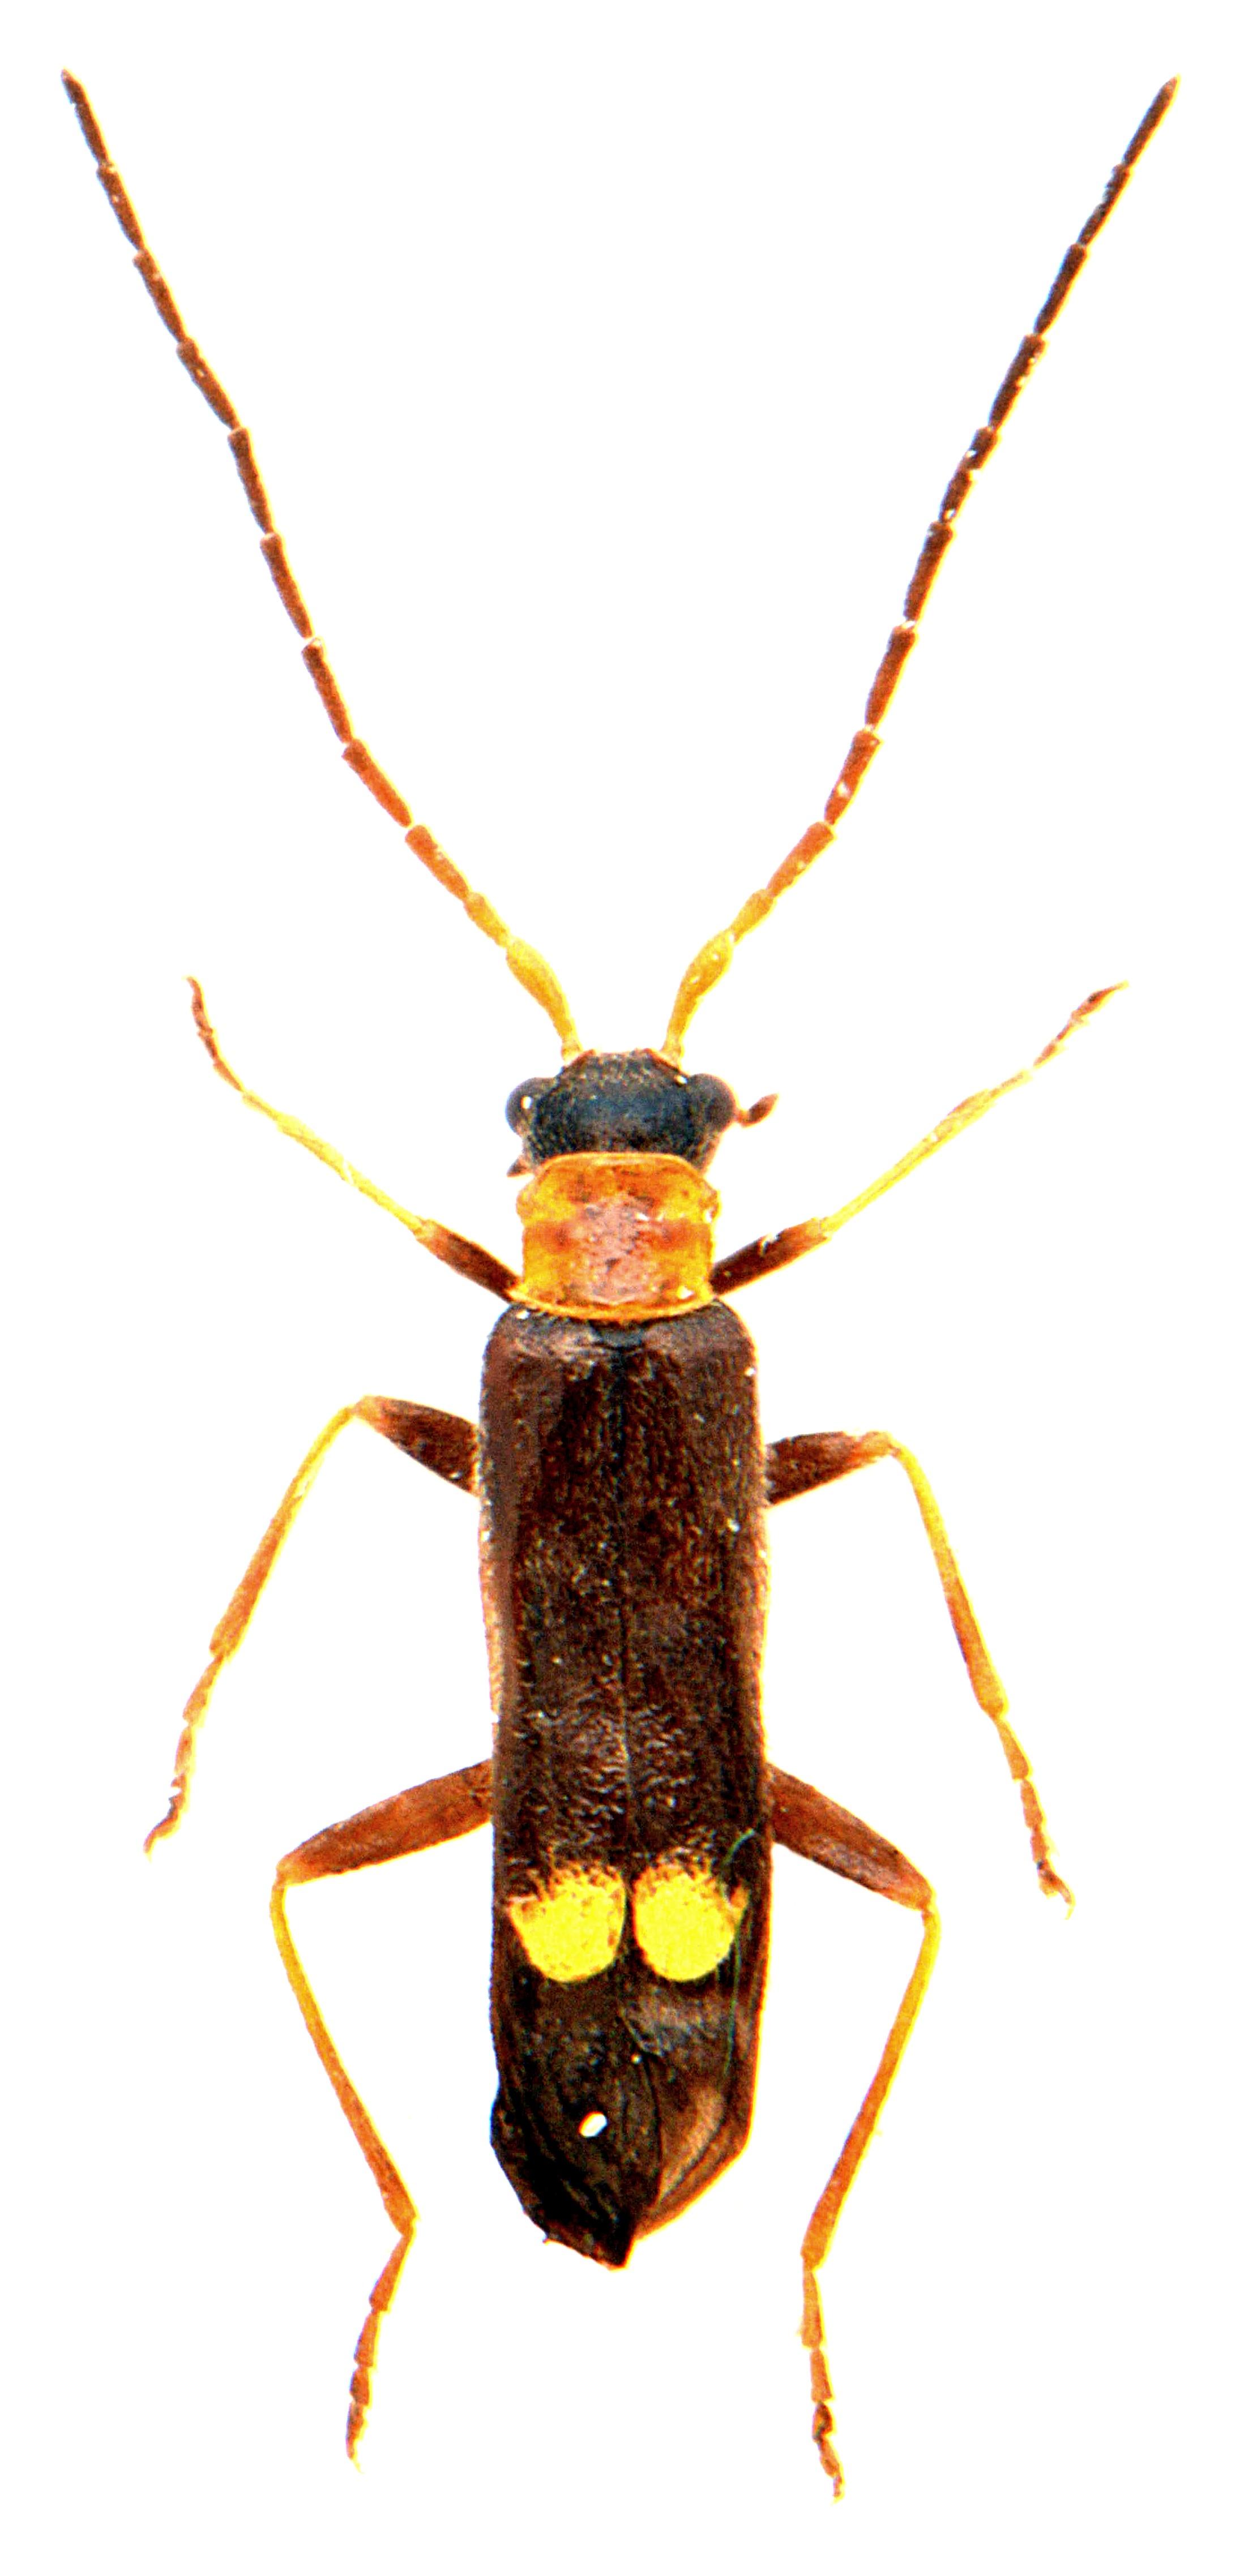 Malthodes minimus 1